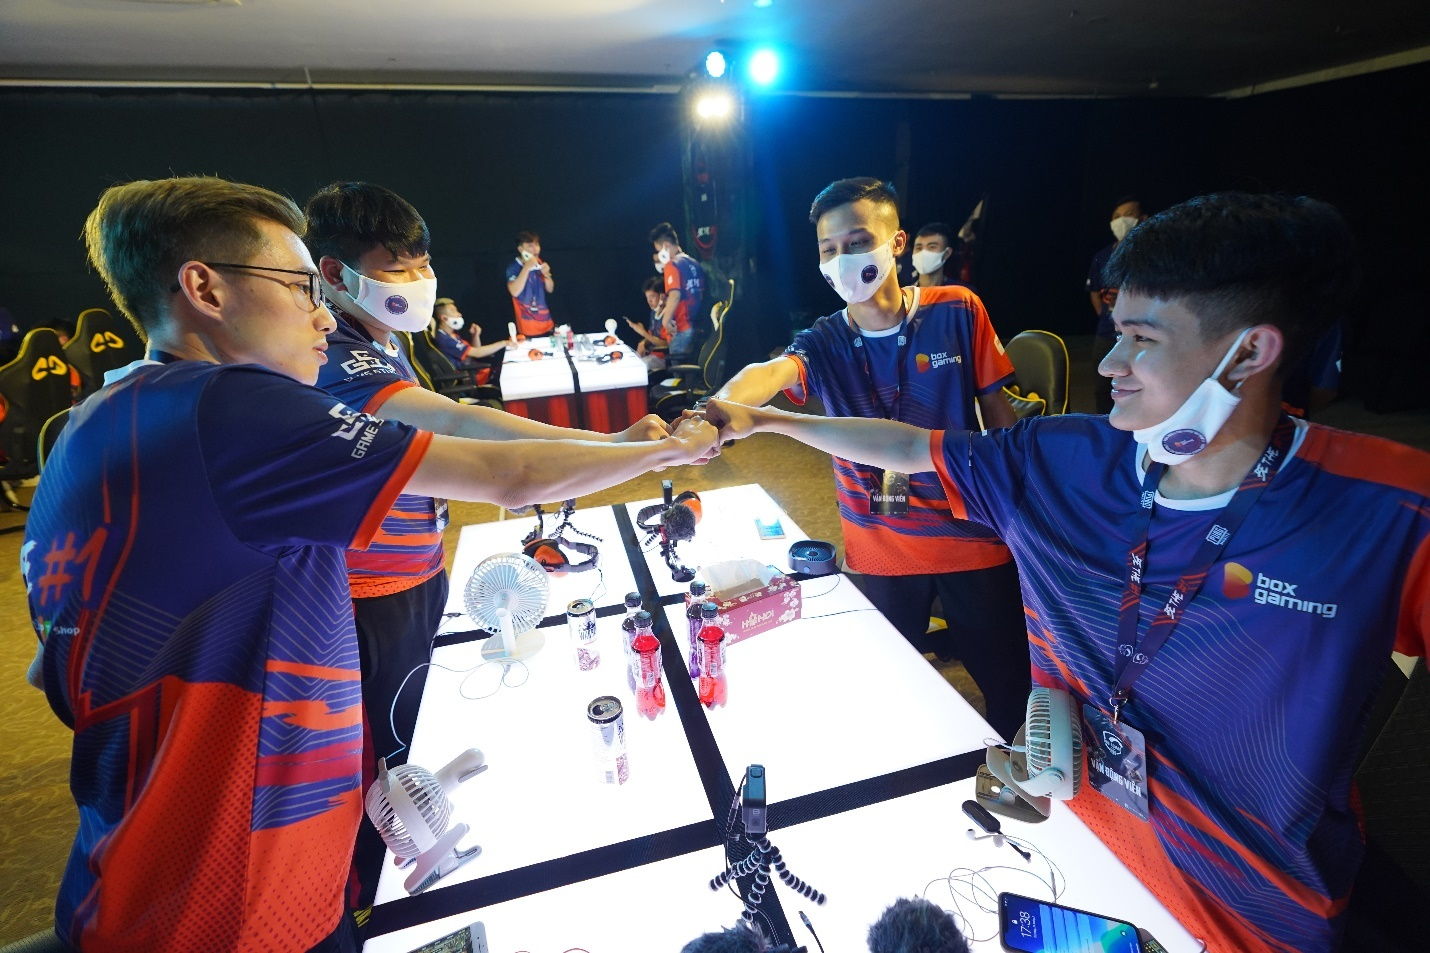 Giải đấu Quốc tế PUBG Mobile sẽ được livestream thông qua đường truyền của CMC TELECOM